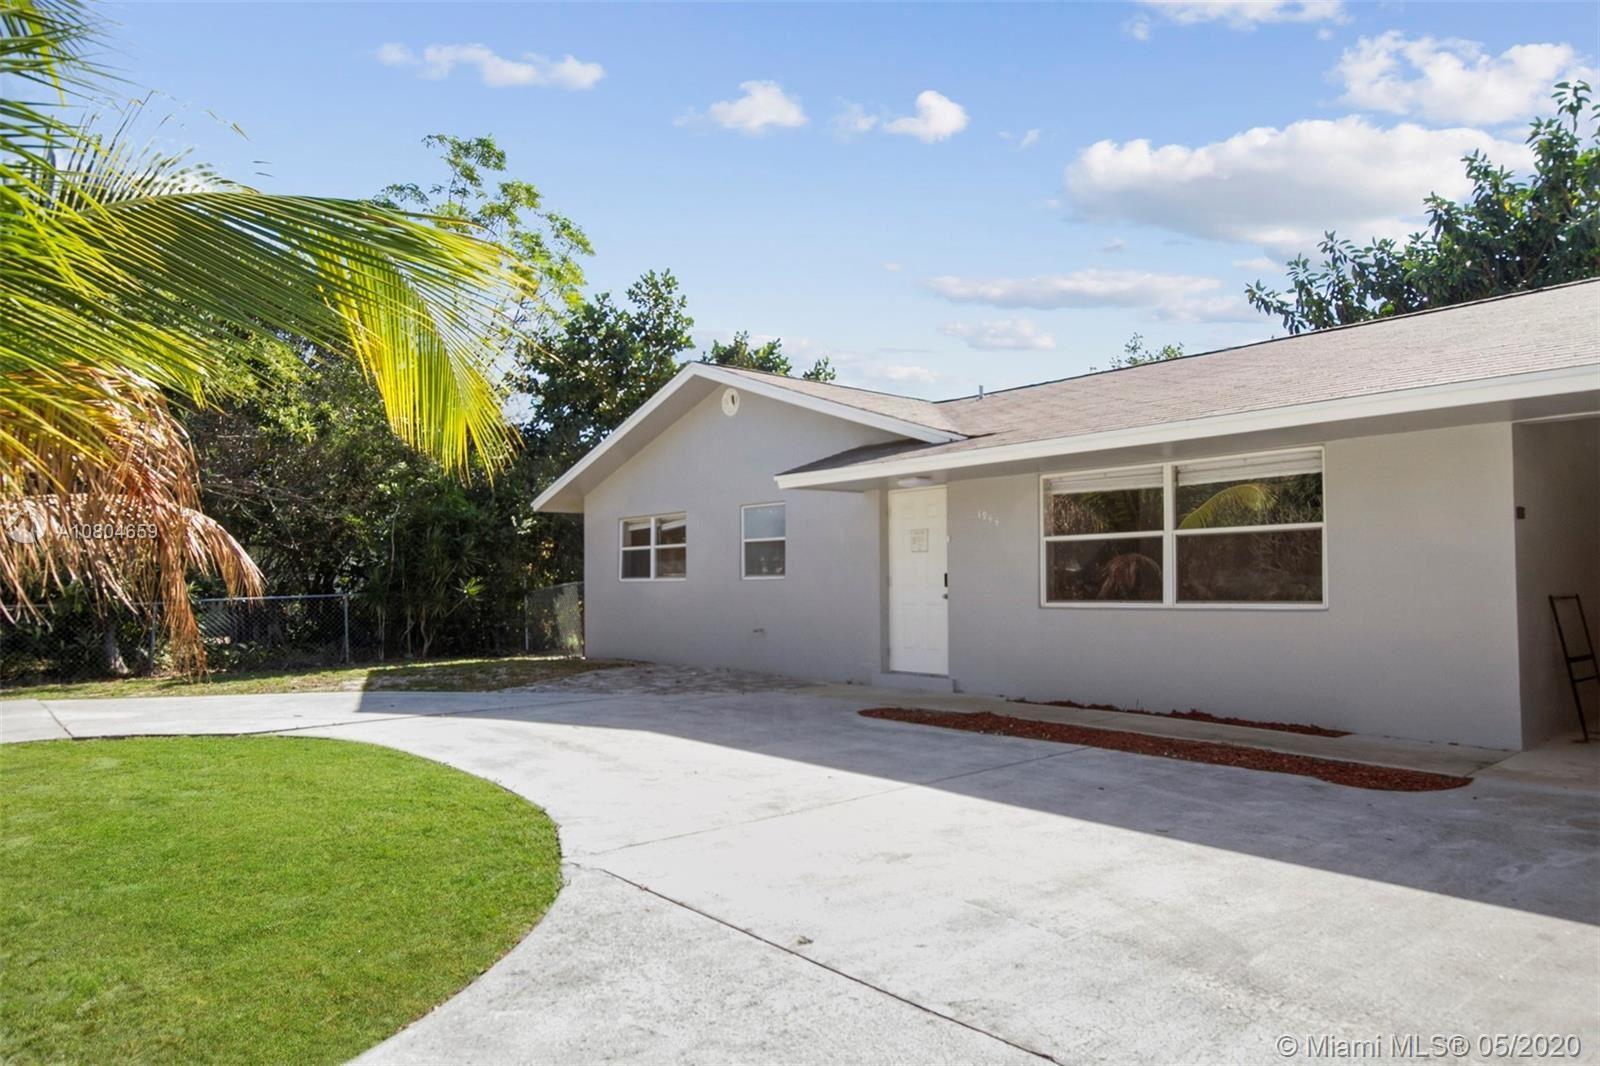 1944 Holman Dr, North Palm Beach, FL 33408 - #: A10804659